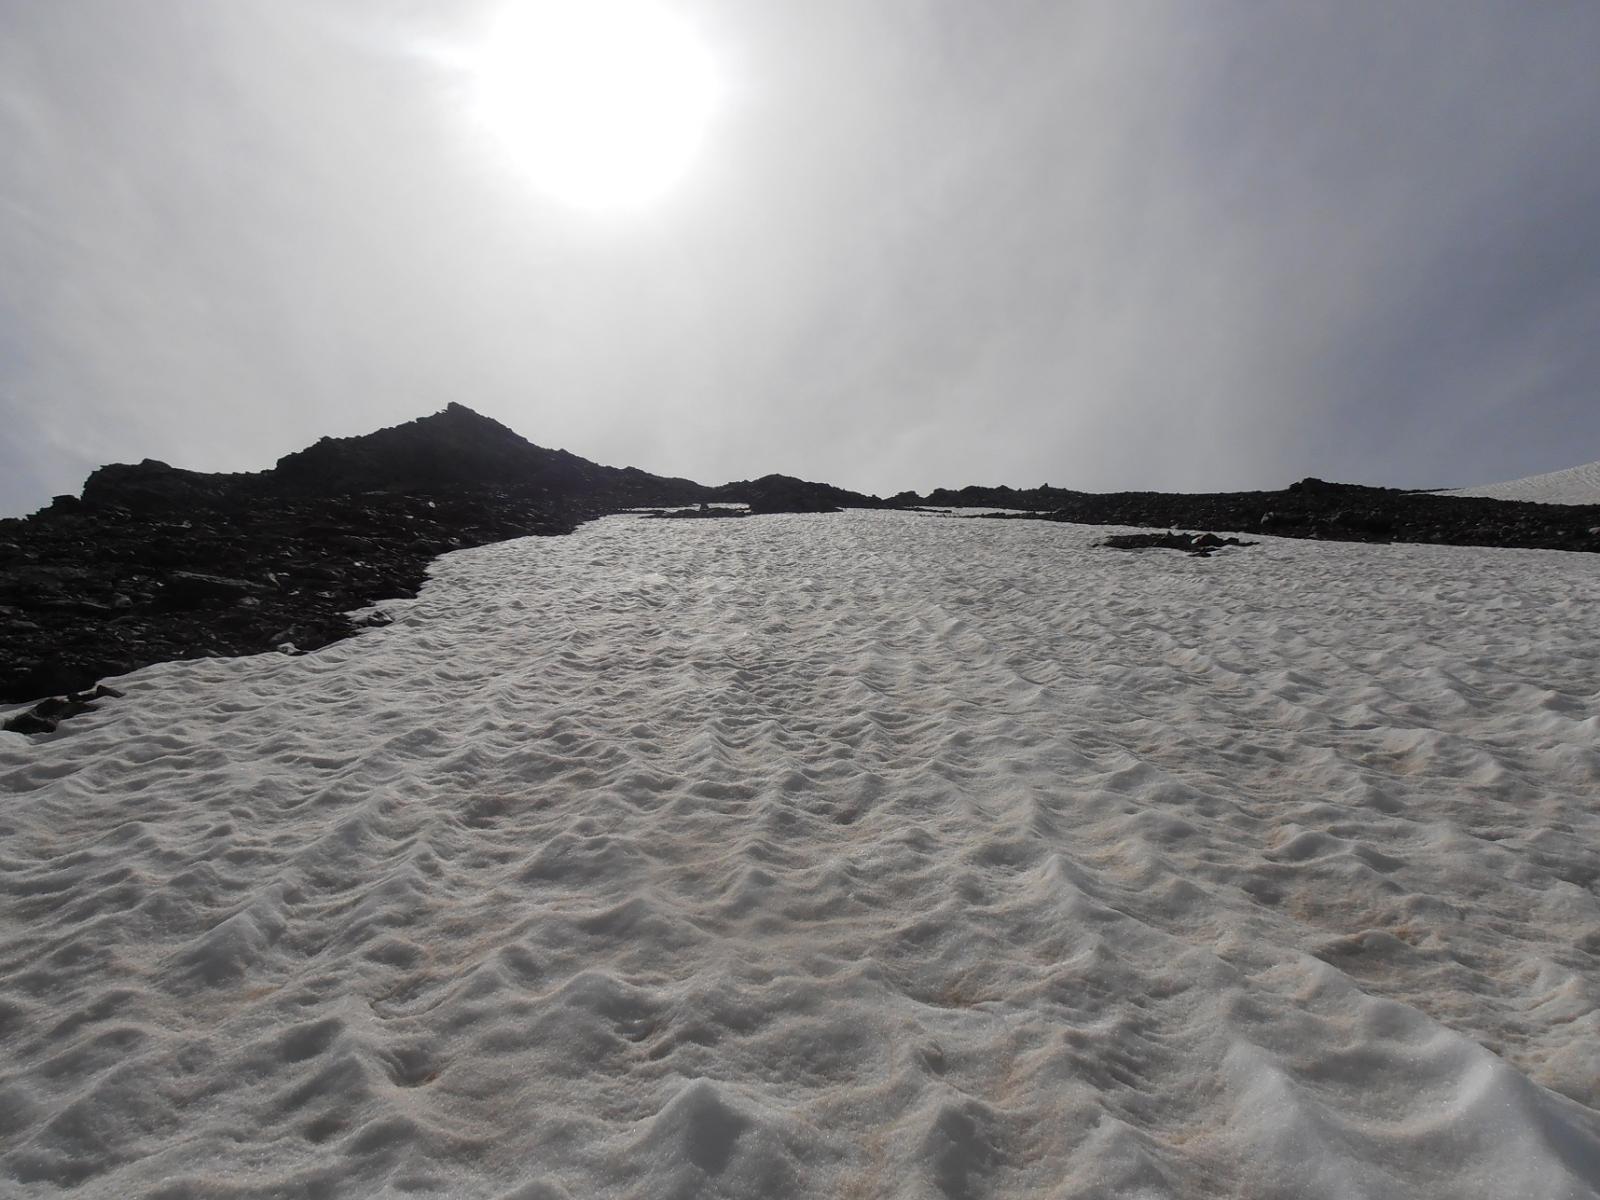 02 - risalendo il nevaio per arrivare in cresta senza passare dal colle